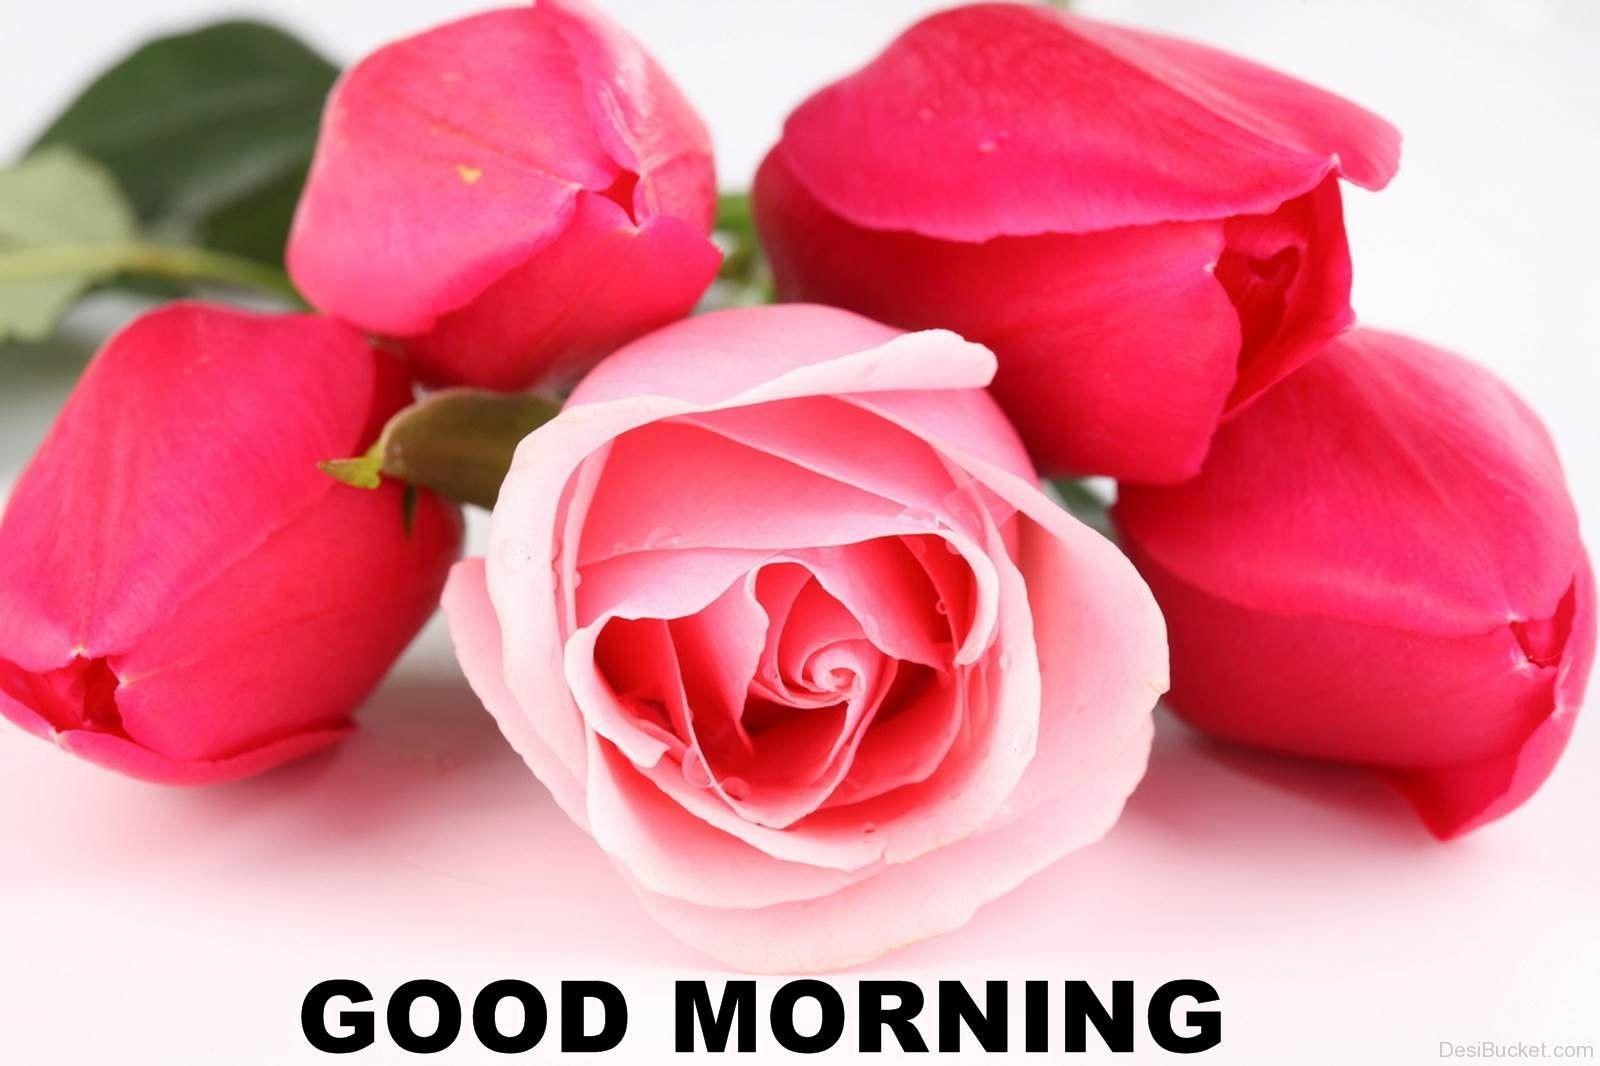 Những hình ảnh hoa hồng chào buổi sáng, những hình ảnh thay cho lời chúc